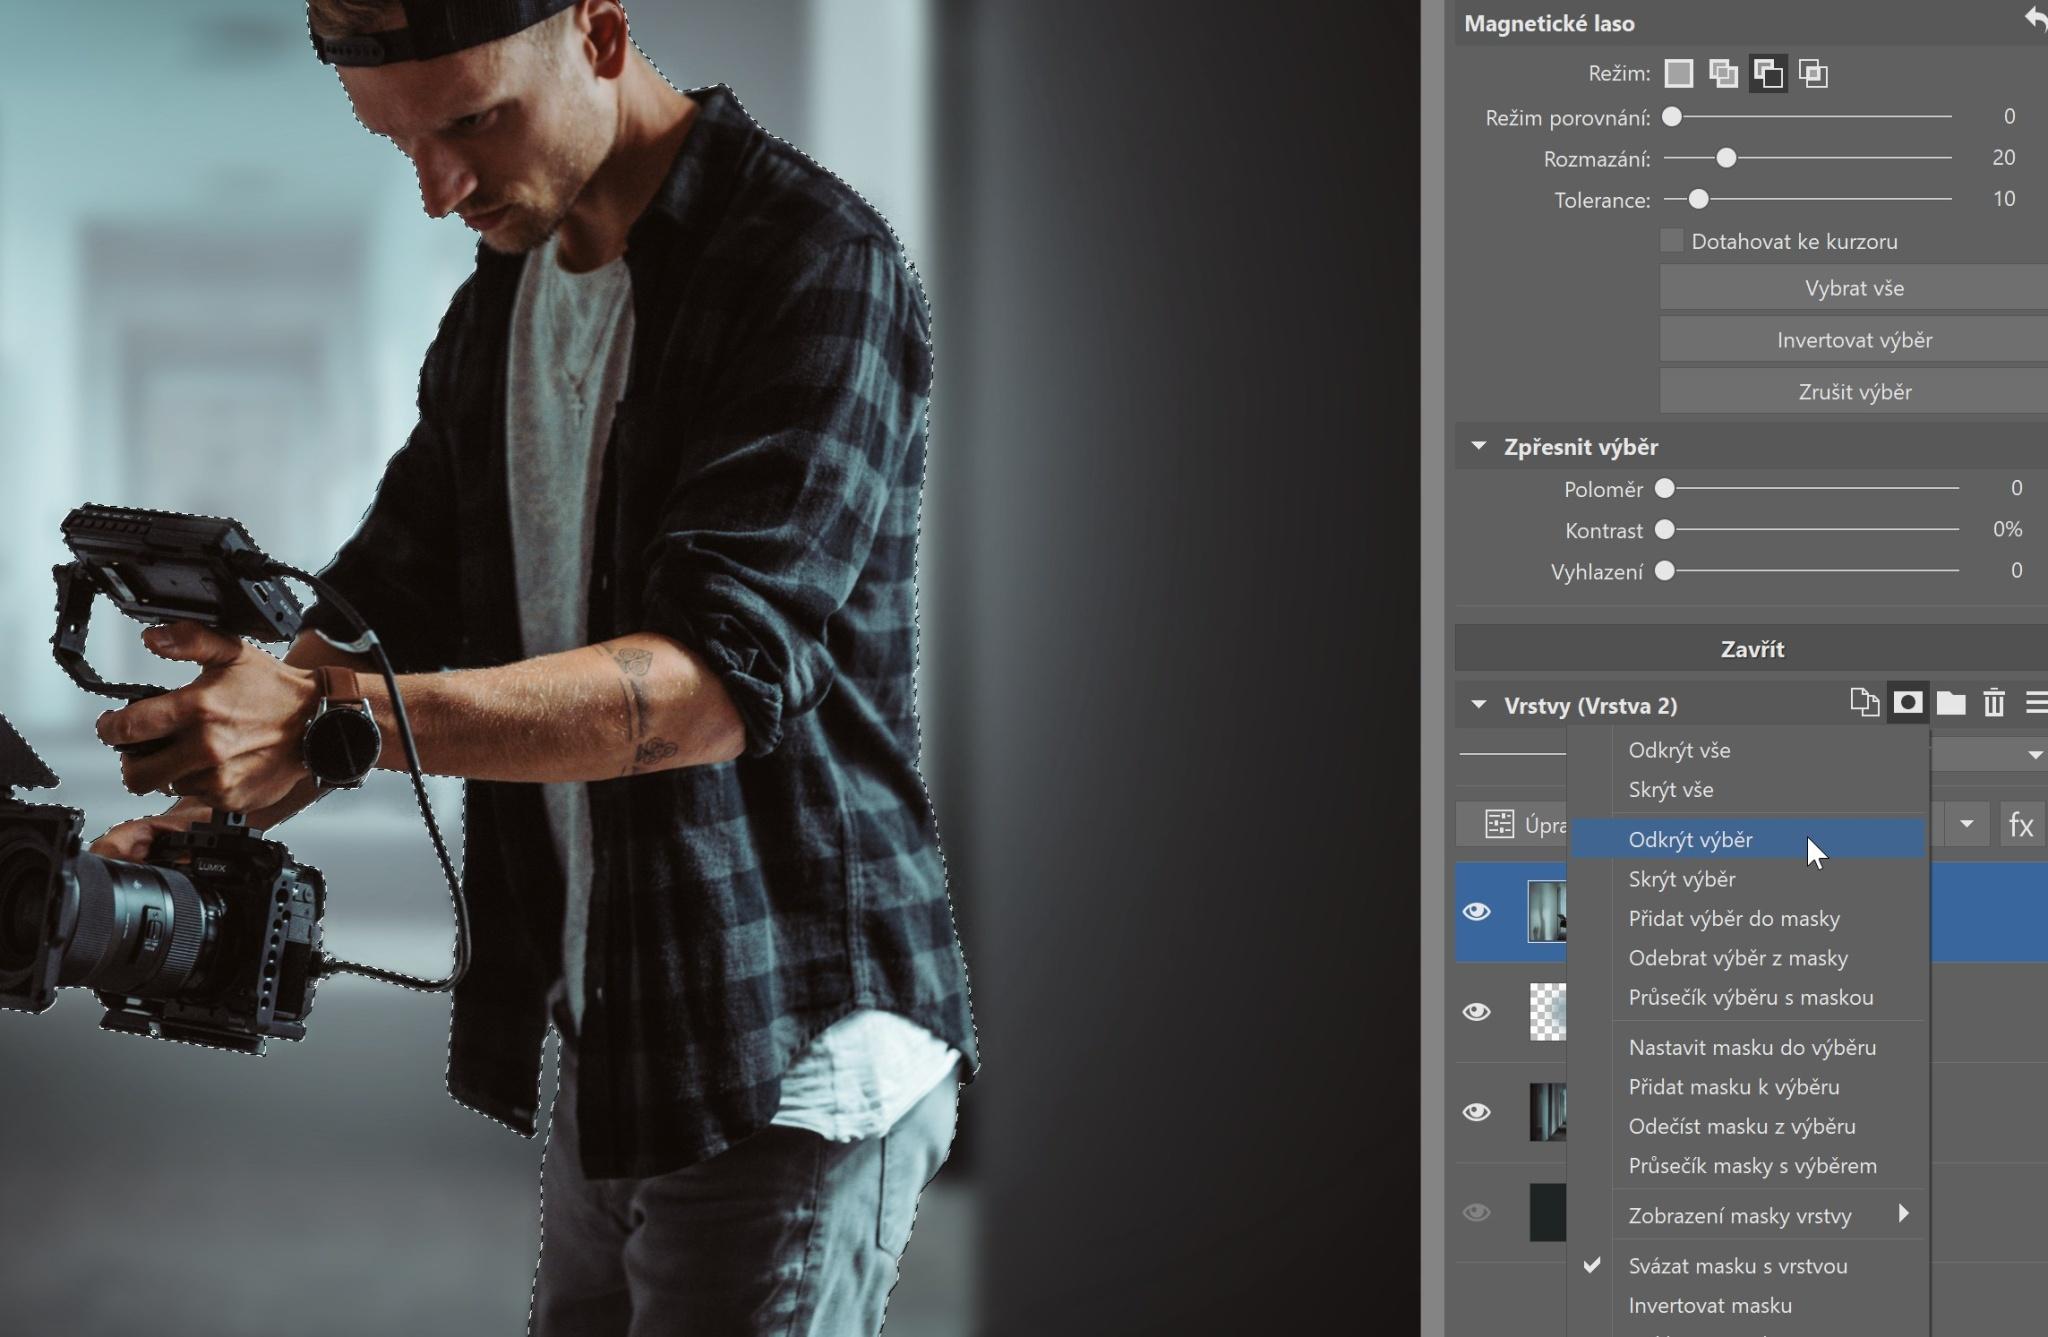 Vyměnit pozadí, přidat stíny… Ovládněte základy práce s vrstvami